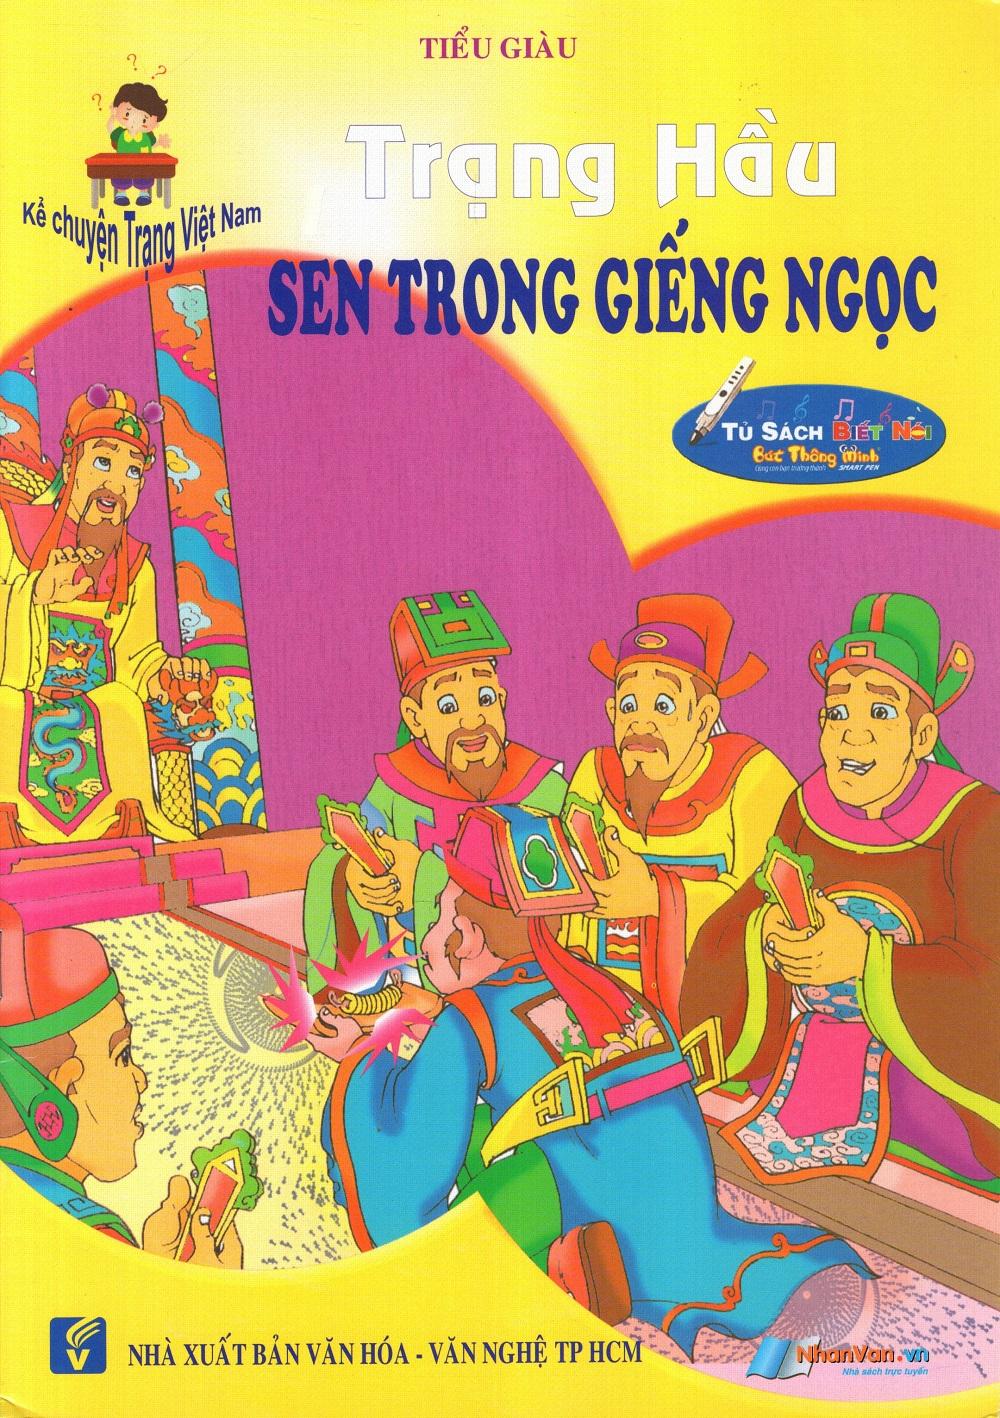 Kể Chuyện Trạng Việt Nam: Trạng Hầu - Sen Trong Giếng Ngọc